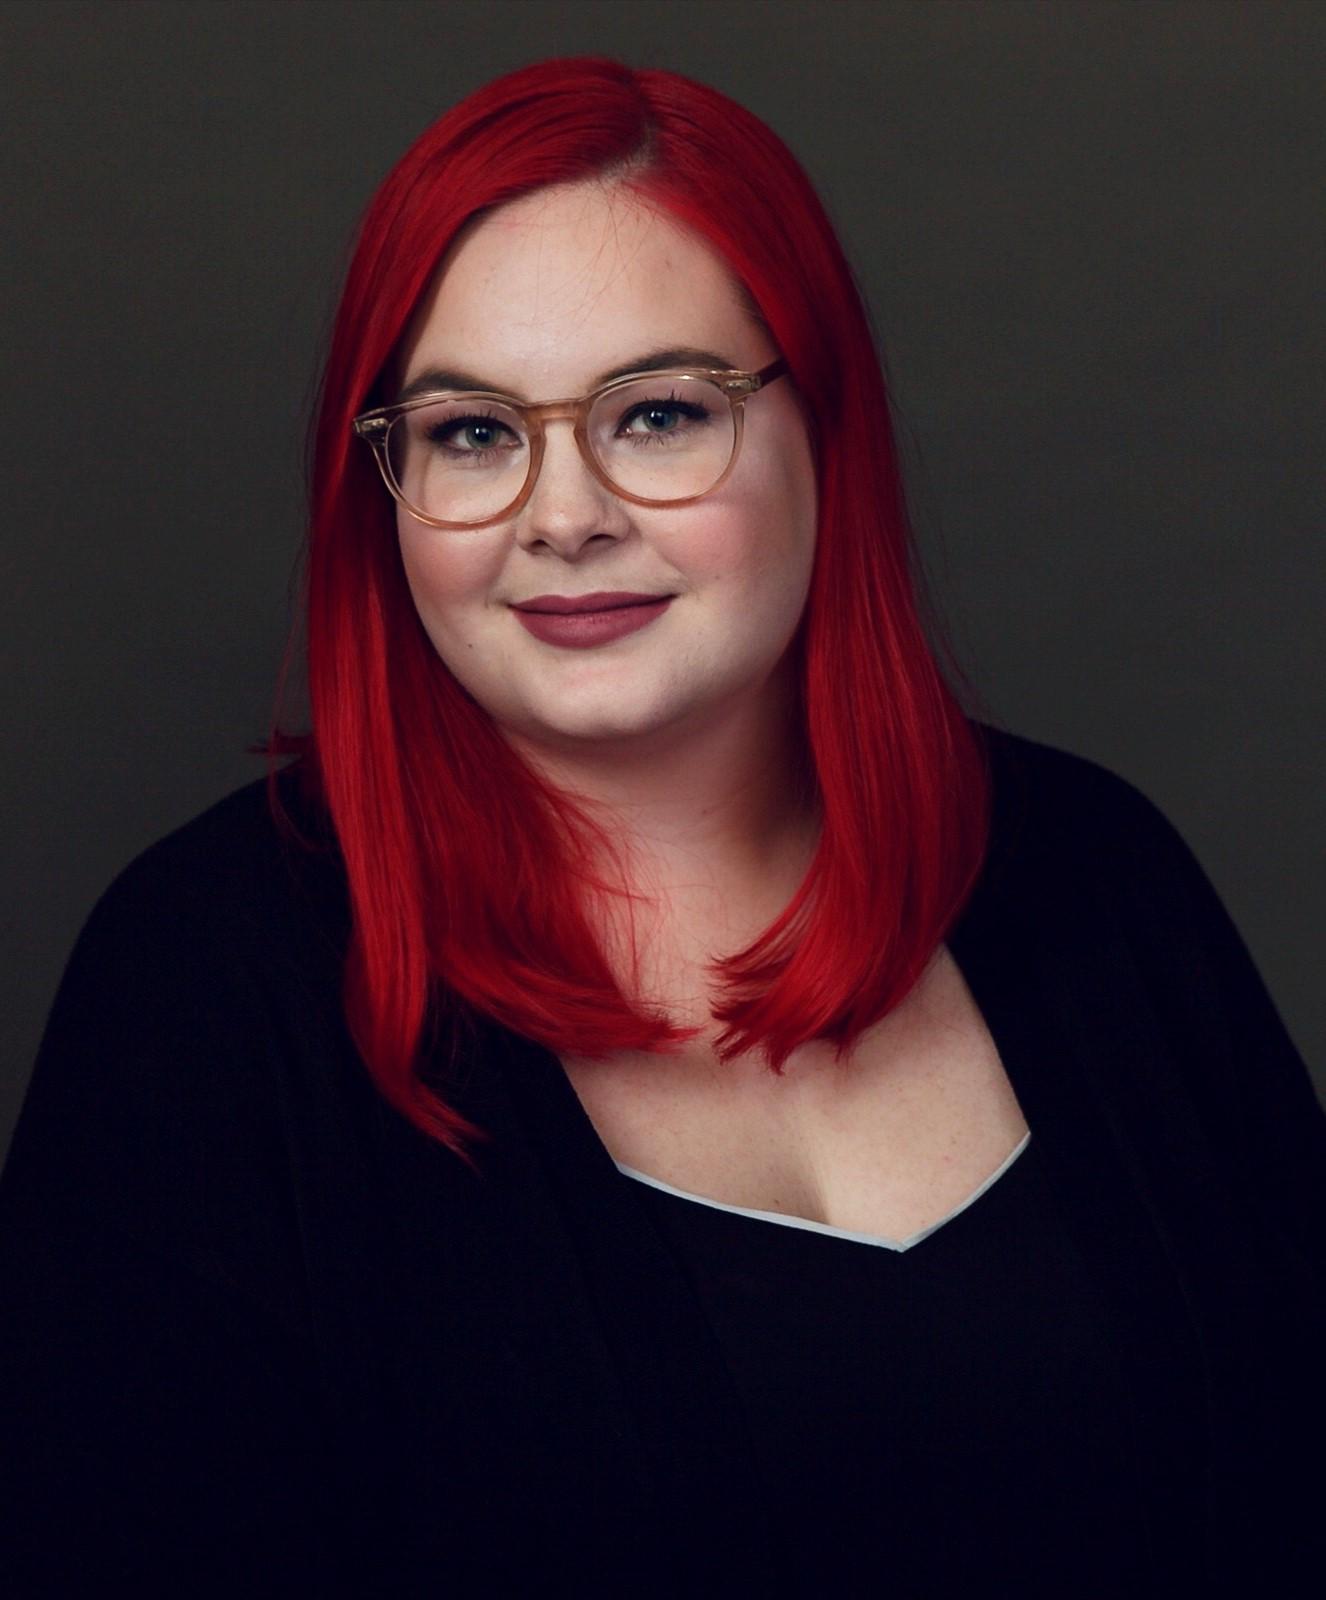 Une femme blanche aux cheveux rouge vif et portant des lunettes sourit à la caméra, sur arrière-plan foncé. / Caucasian and bespectacled woman with bright red hair smiling at the camera on a dark background.